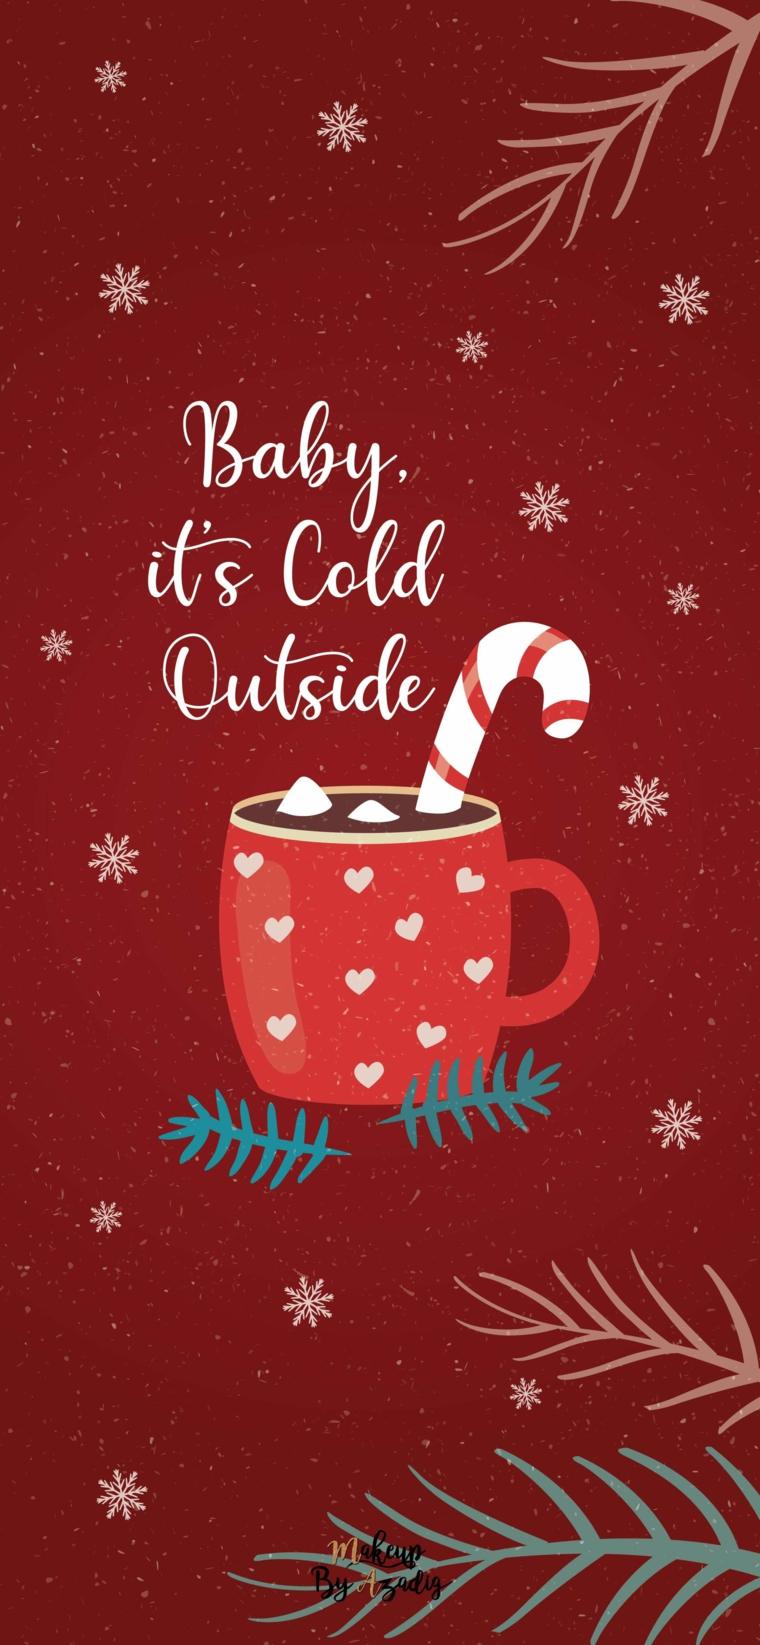 disegno kawaii di una tazza di cioccolato immagini natalizie da scaricare